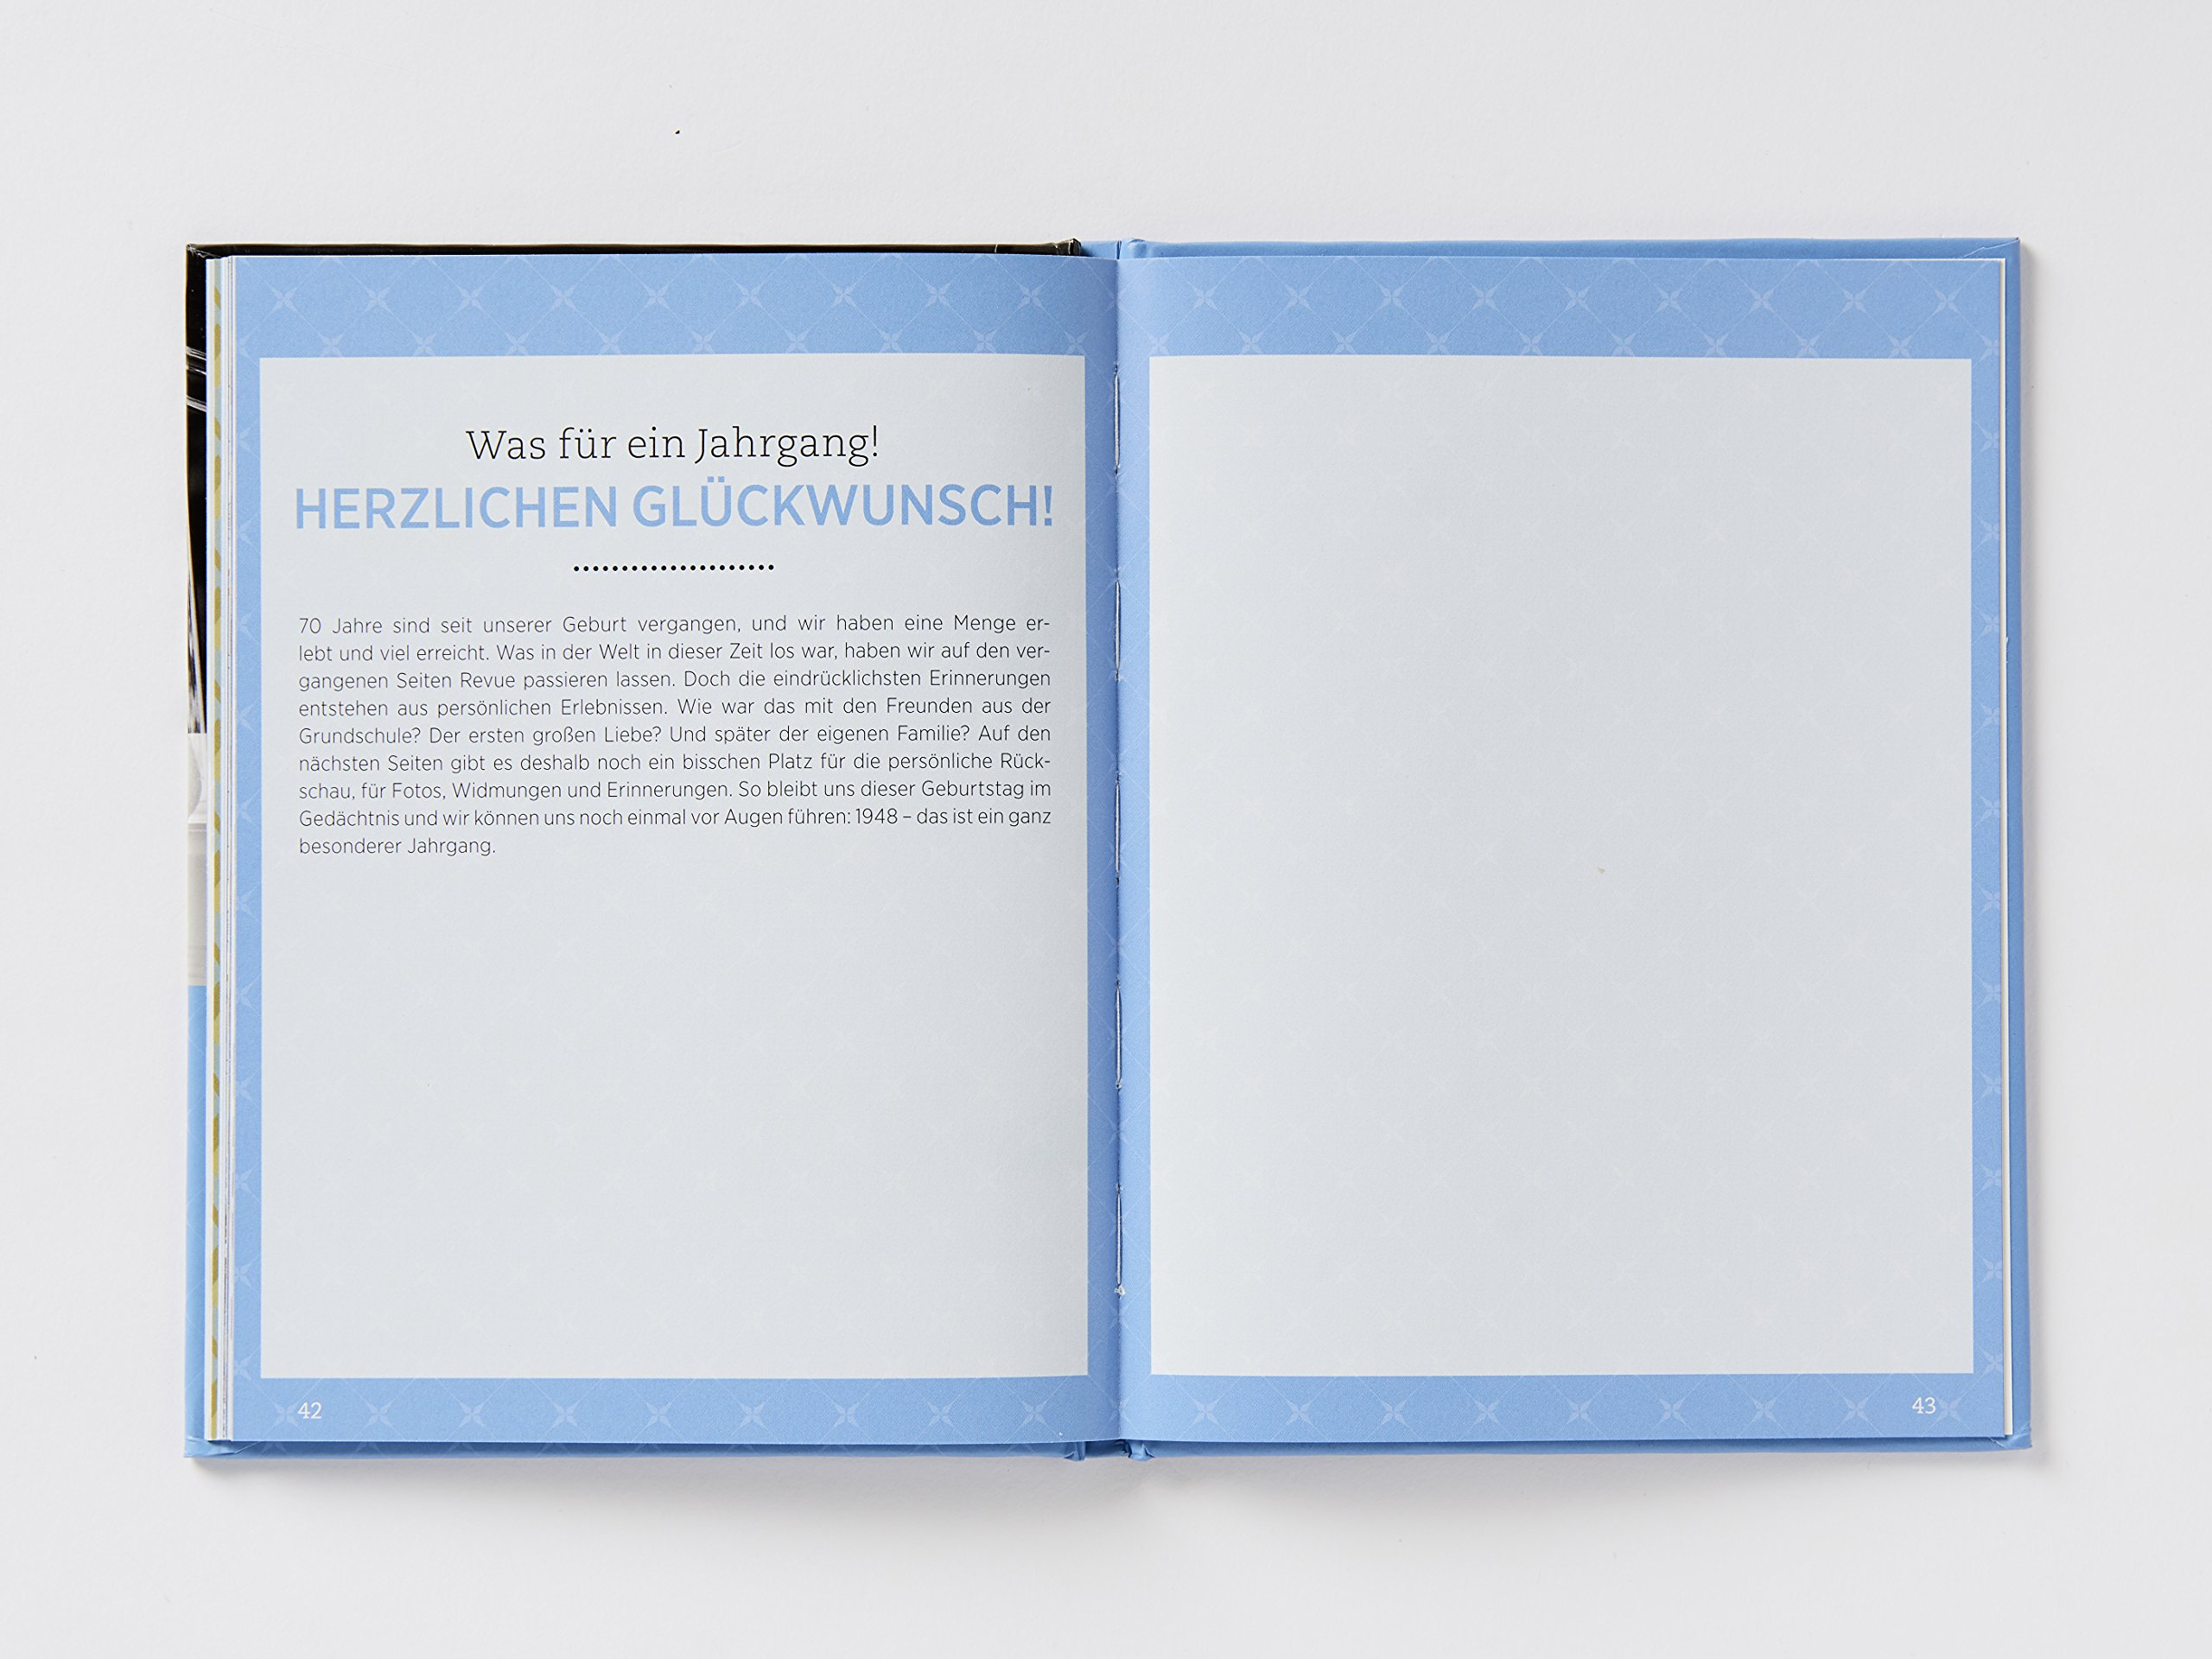 Fantastisch Tassen Fortsetzen Drucker Verboten Bilder - Entry Level ...